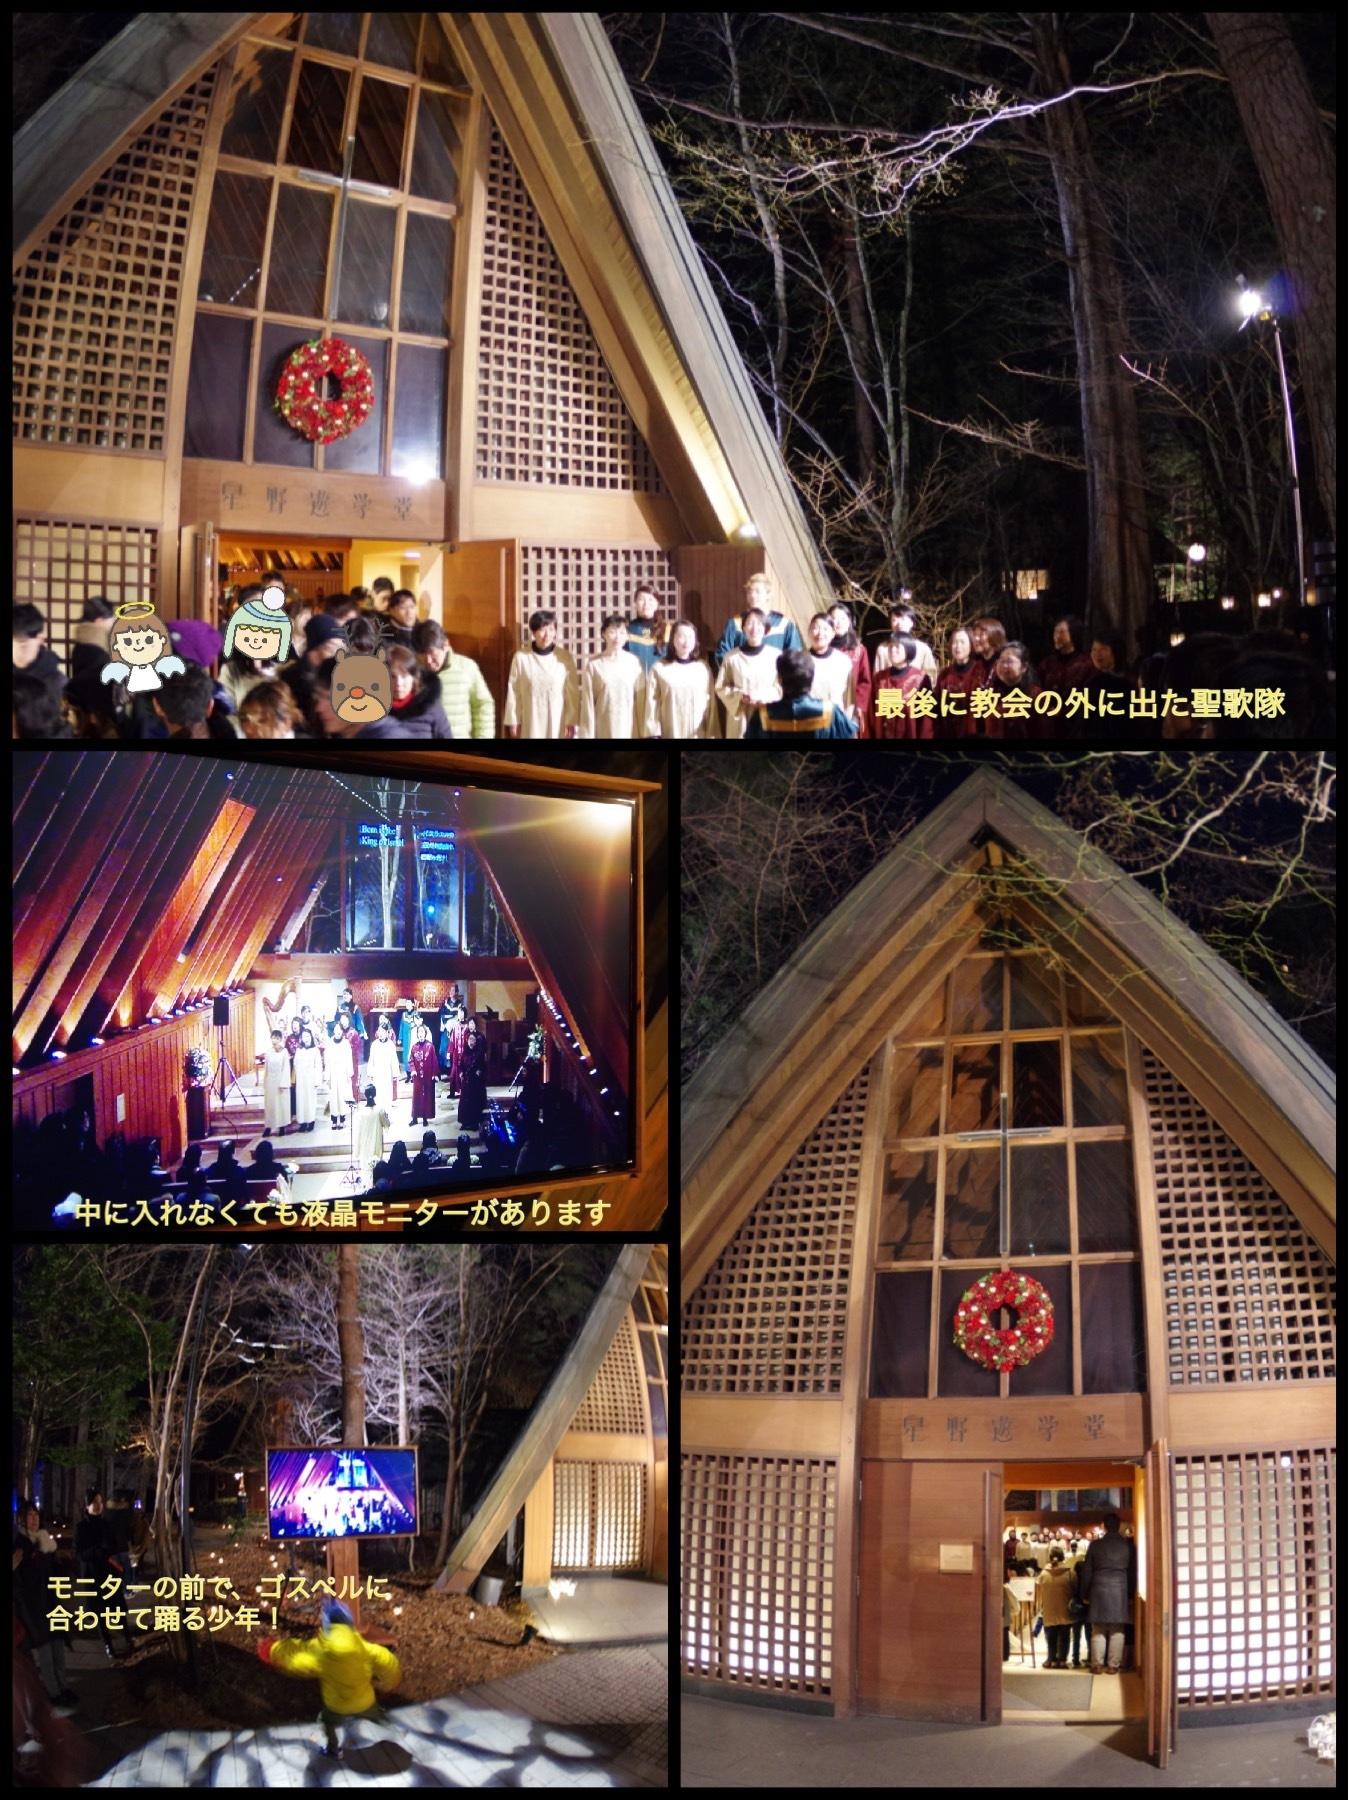 星のや軽井沢 ホテルブレストンコート 軽井沢高原教会 クリスマスキャンドルナイト 聖歌隊ゴスペル